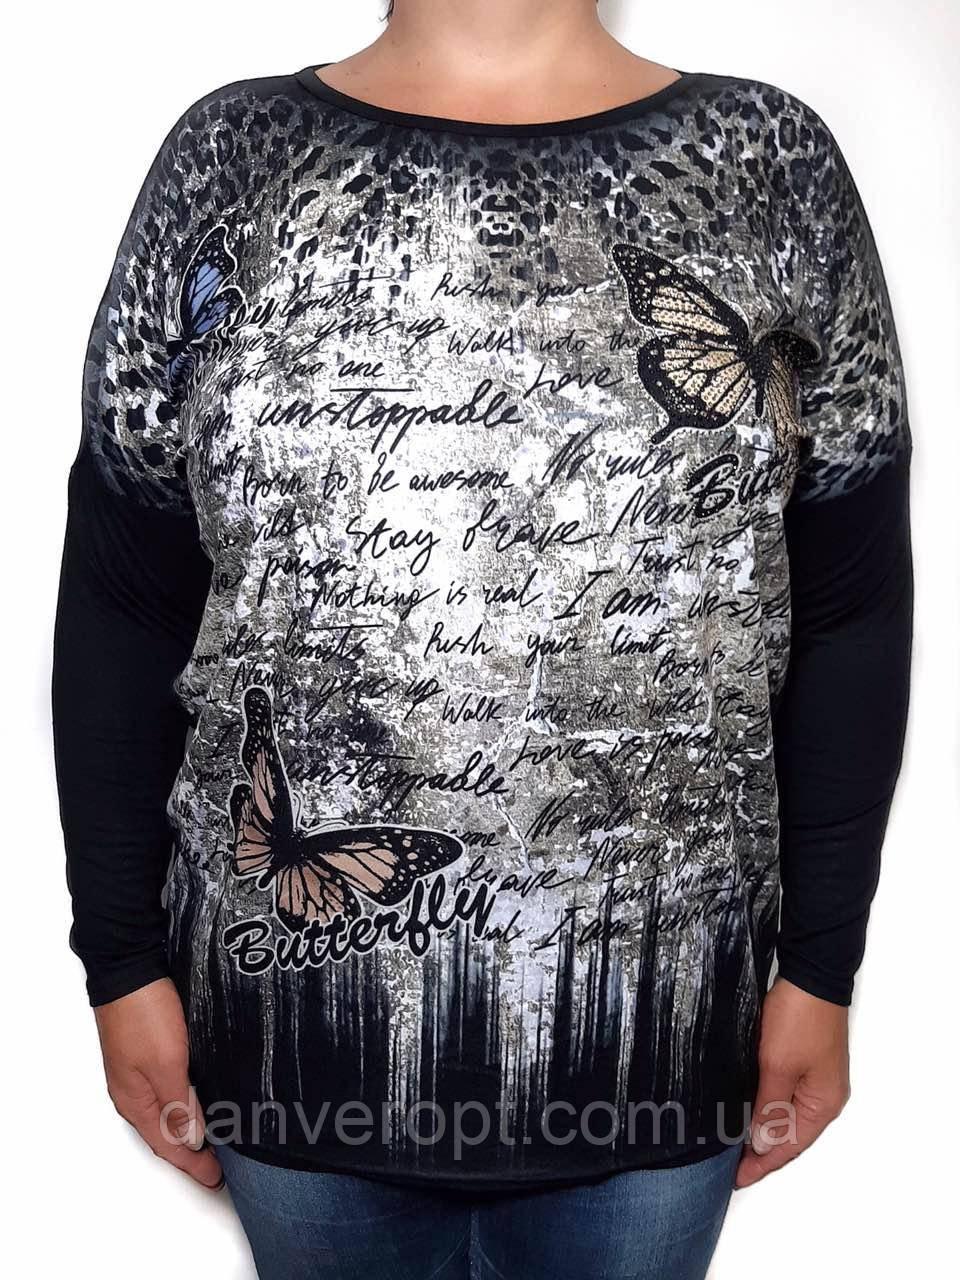 Туника женская модная стильная BUTTERFLY размер универсальный 56-62 купить оптом со склада 7км Одесса